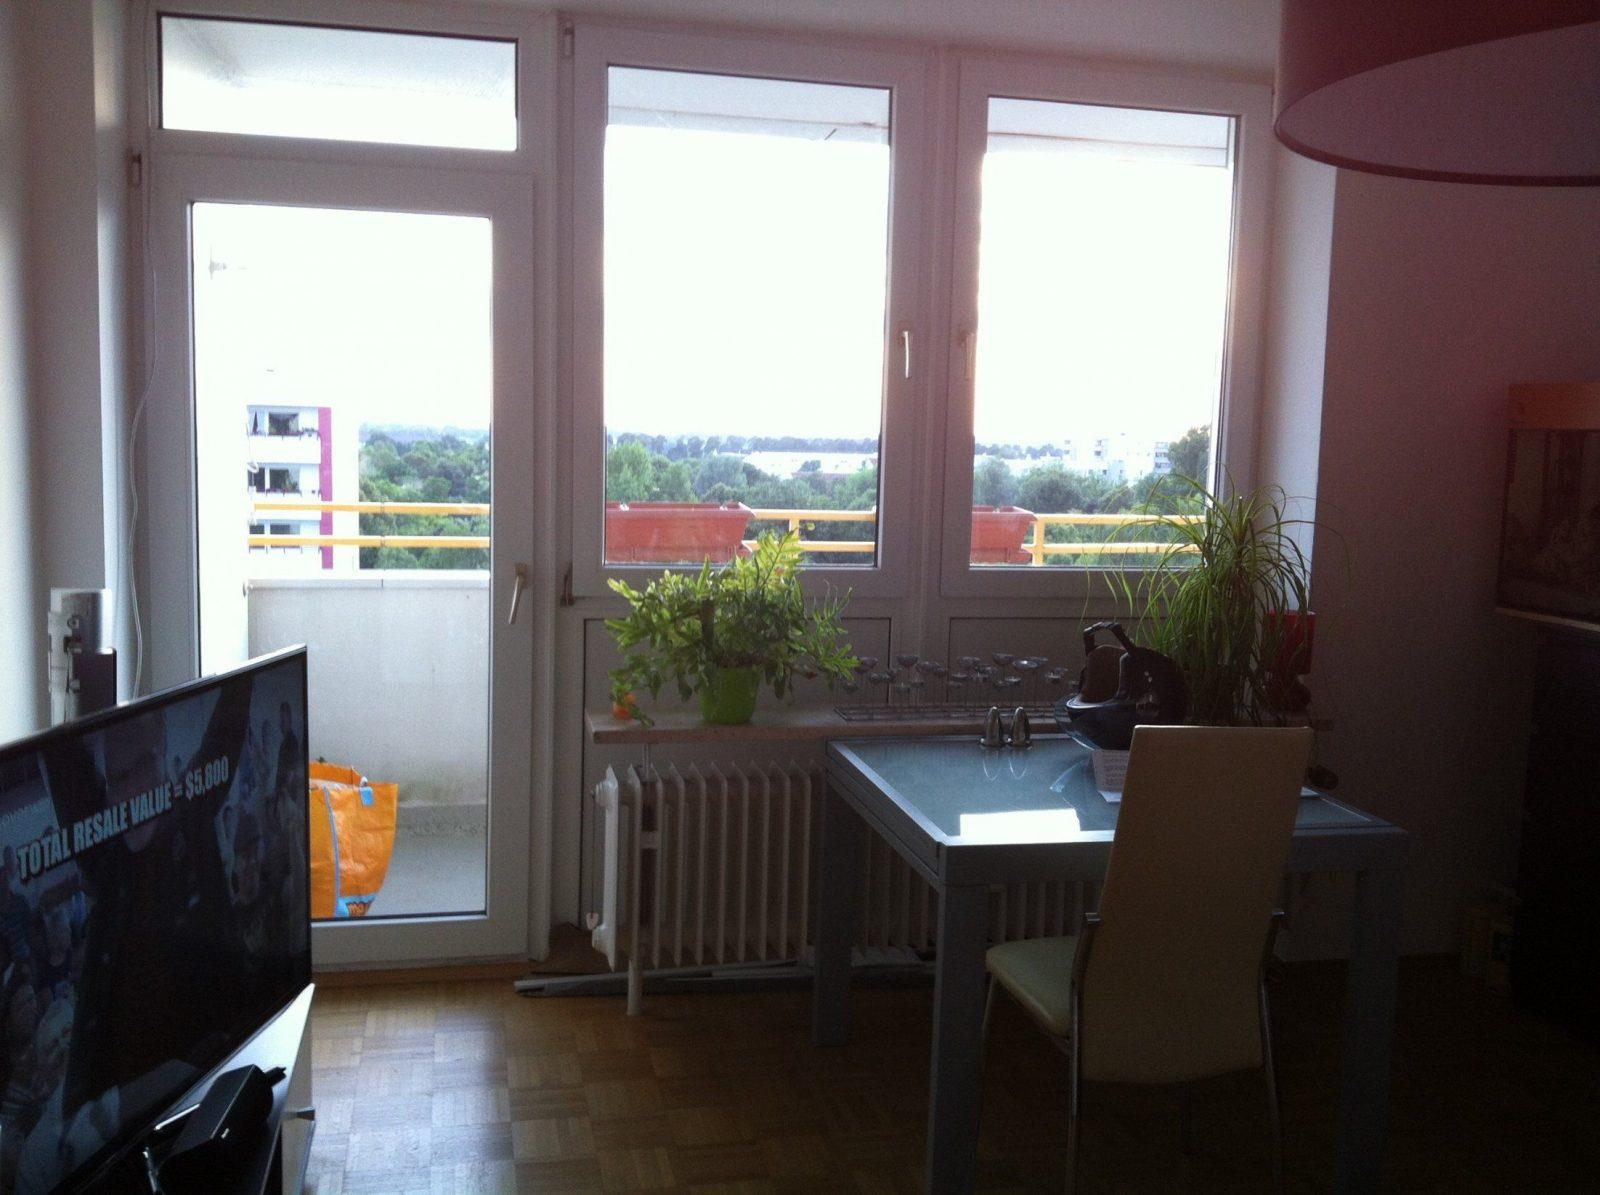 Gardinen Hervorragend Gardinen Für Balkontür Und Fenster Gardinen von Gardinen Balkontür Und Fenster Photo